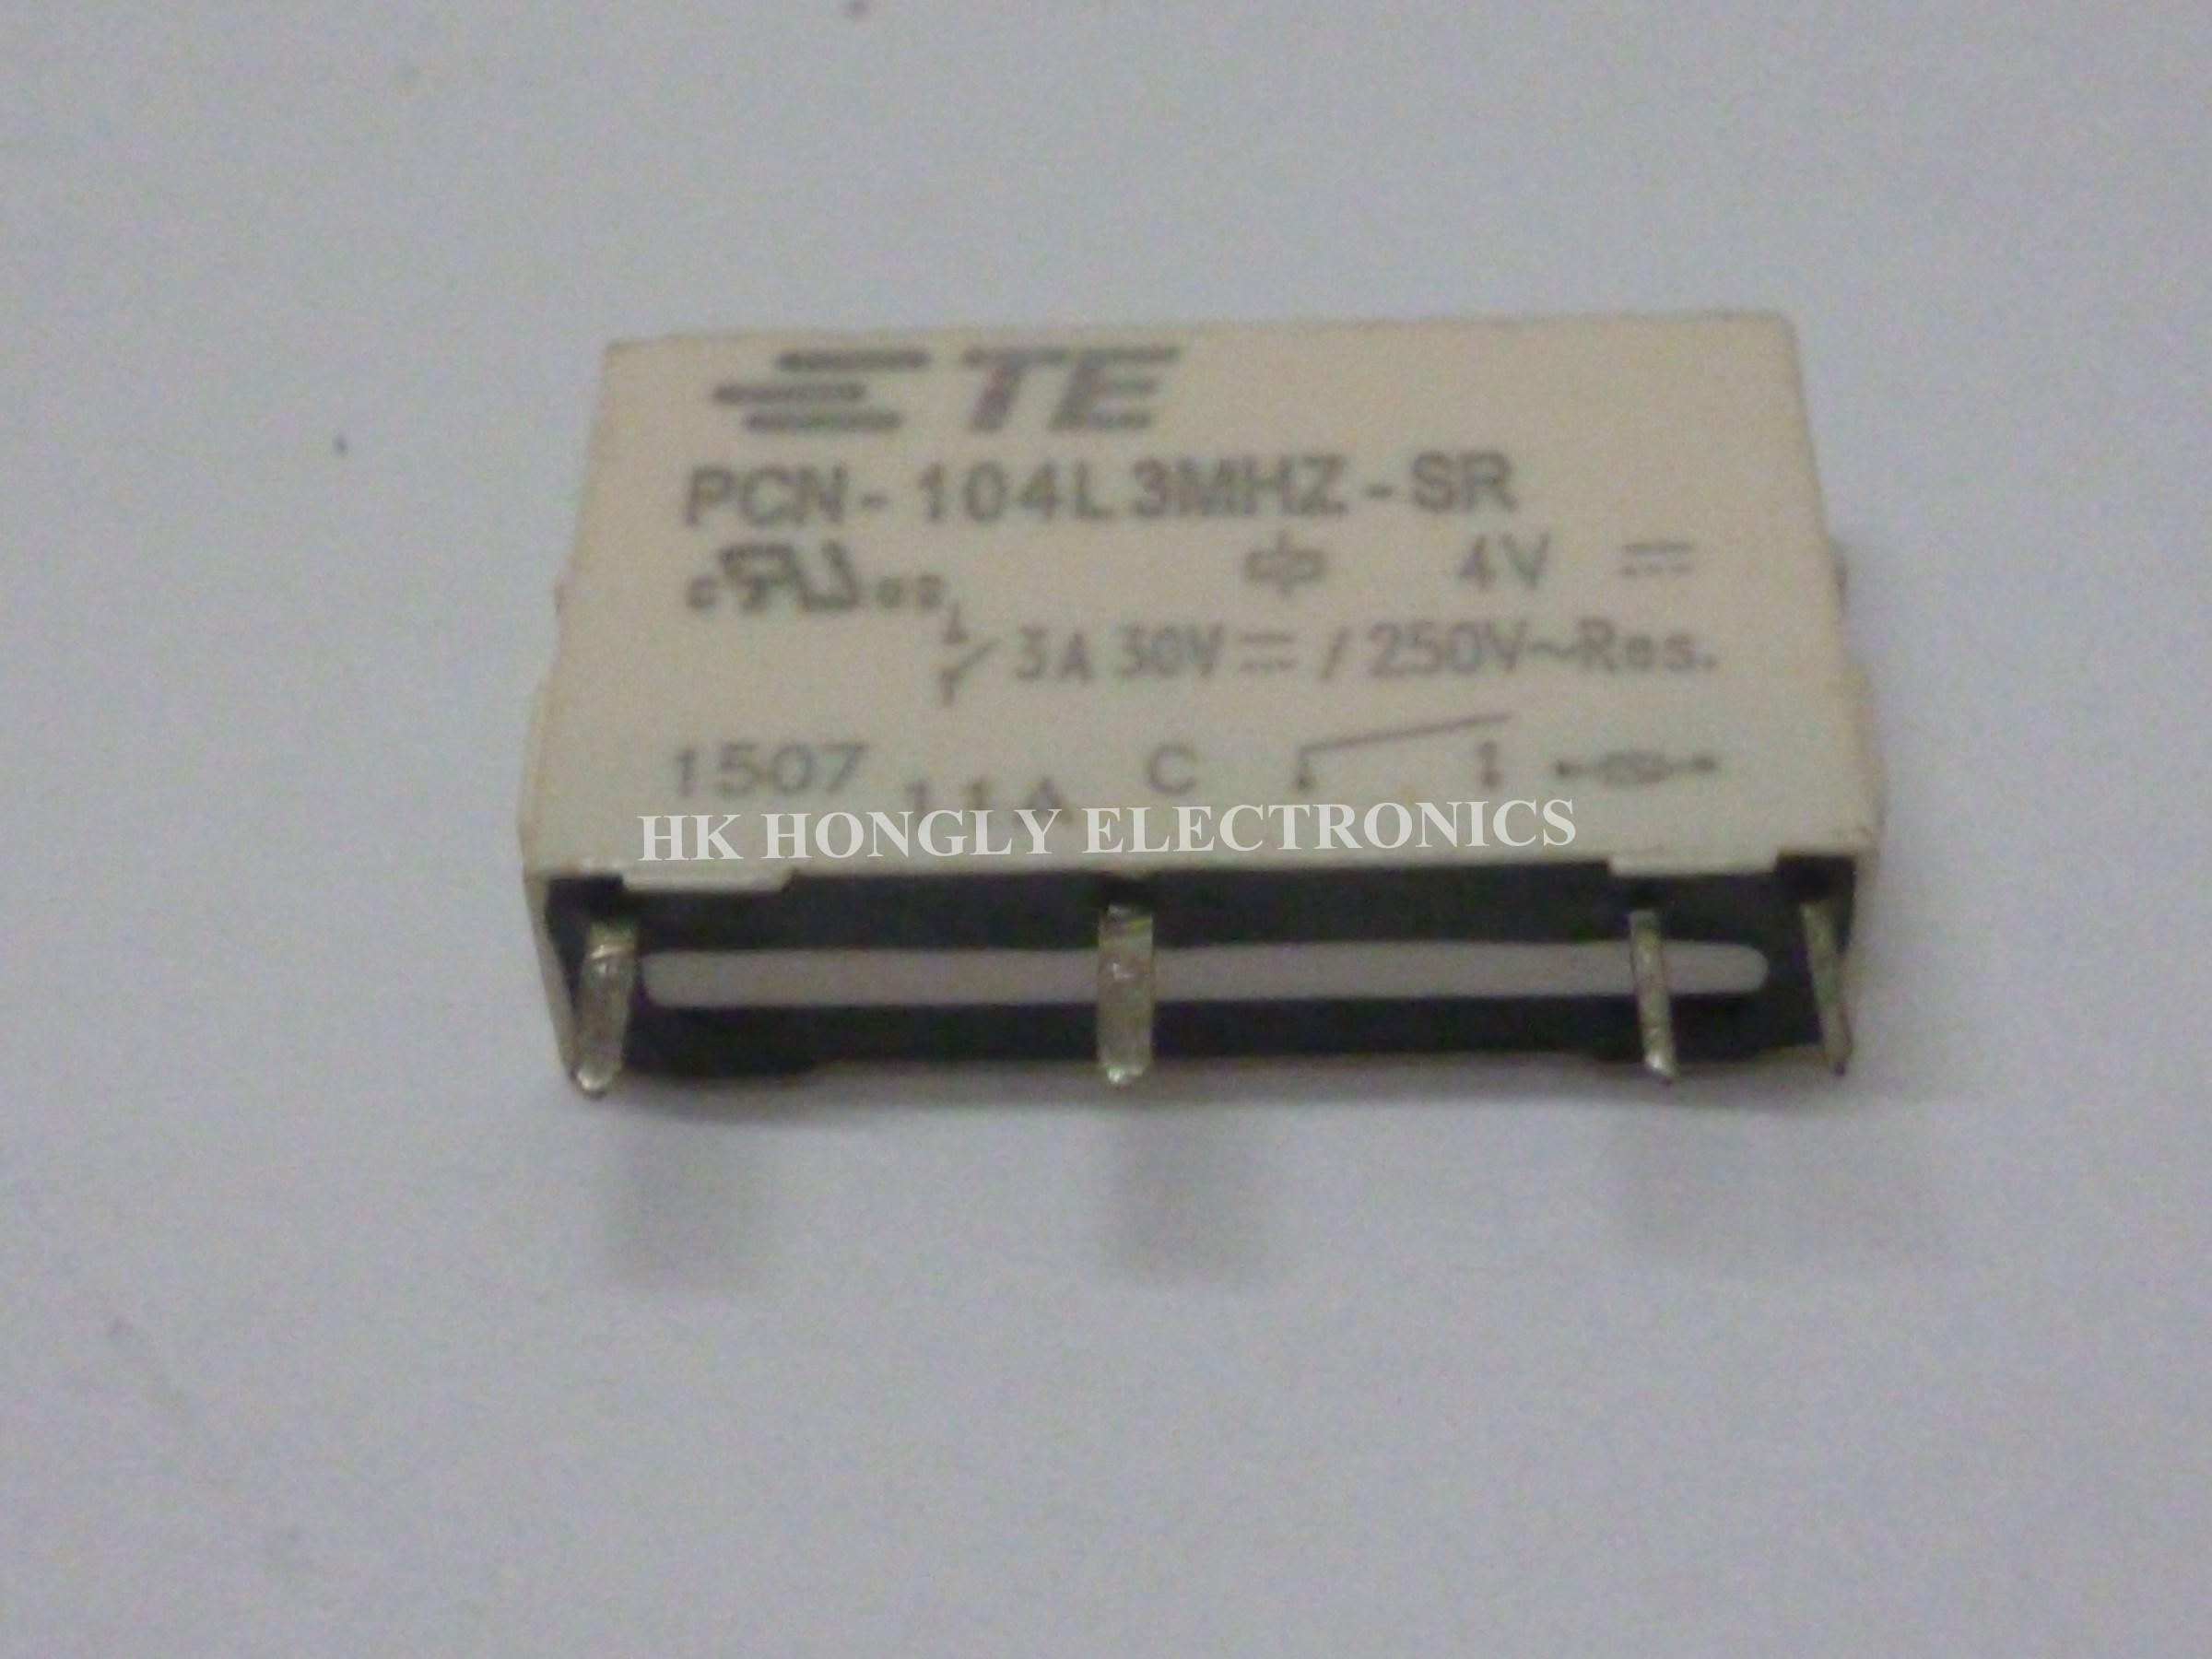 ترحيل PCN-104L3MHZ-SR 3A 4V 10pcs / lot